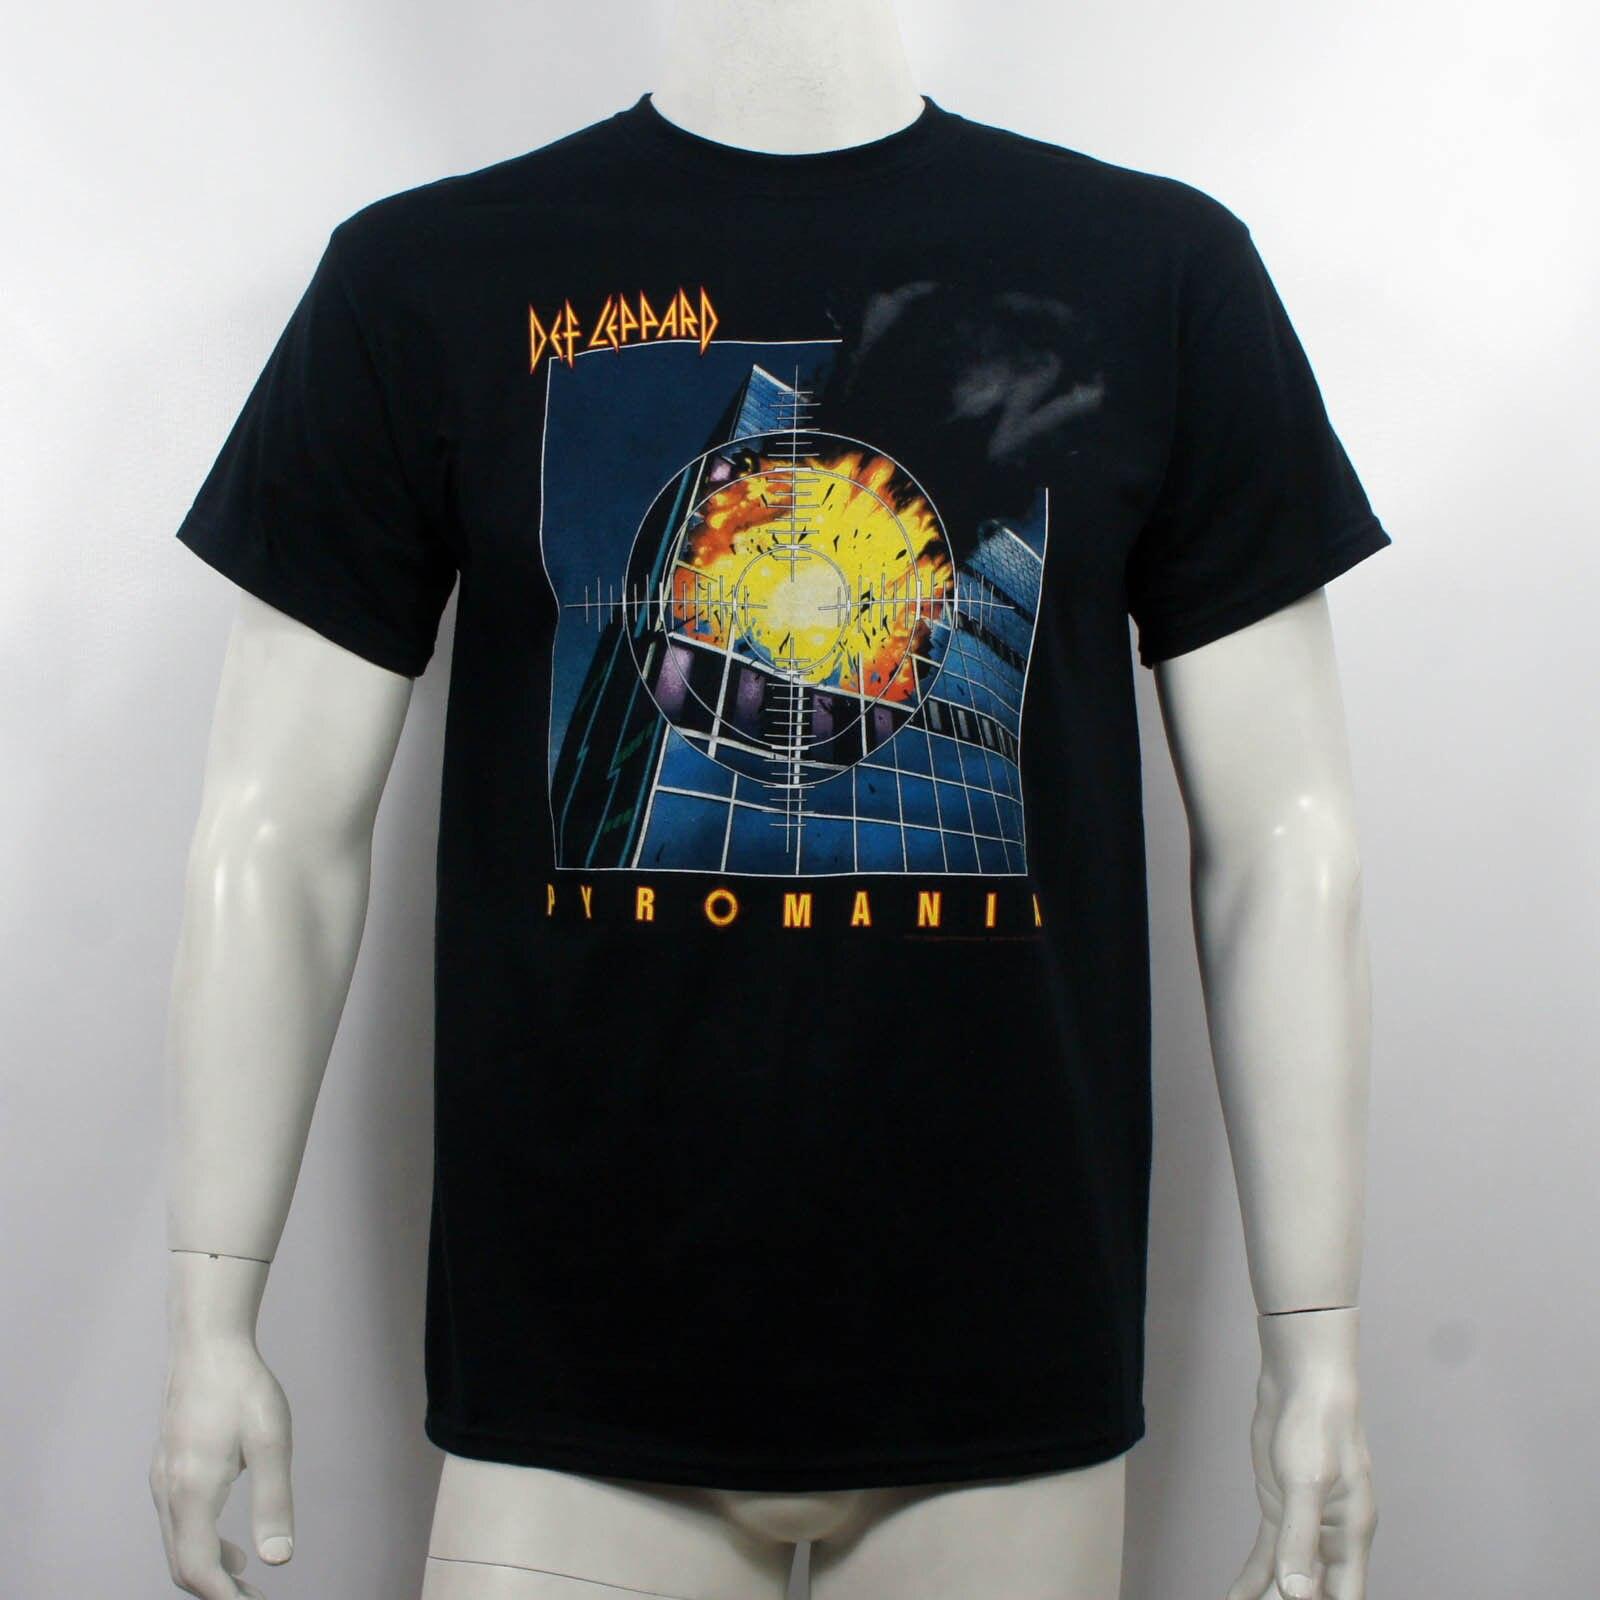 Gildan authentische def leppard pyromania album abdeckung neue männer t-shirt